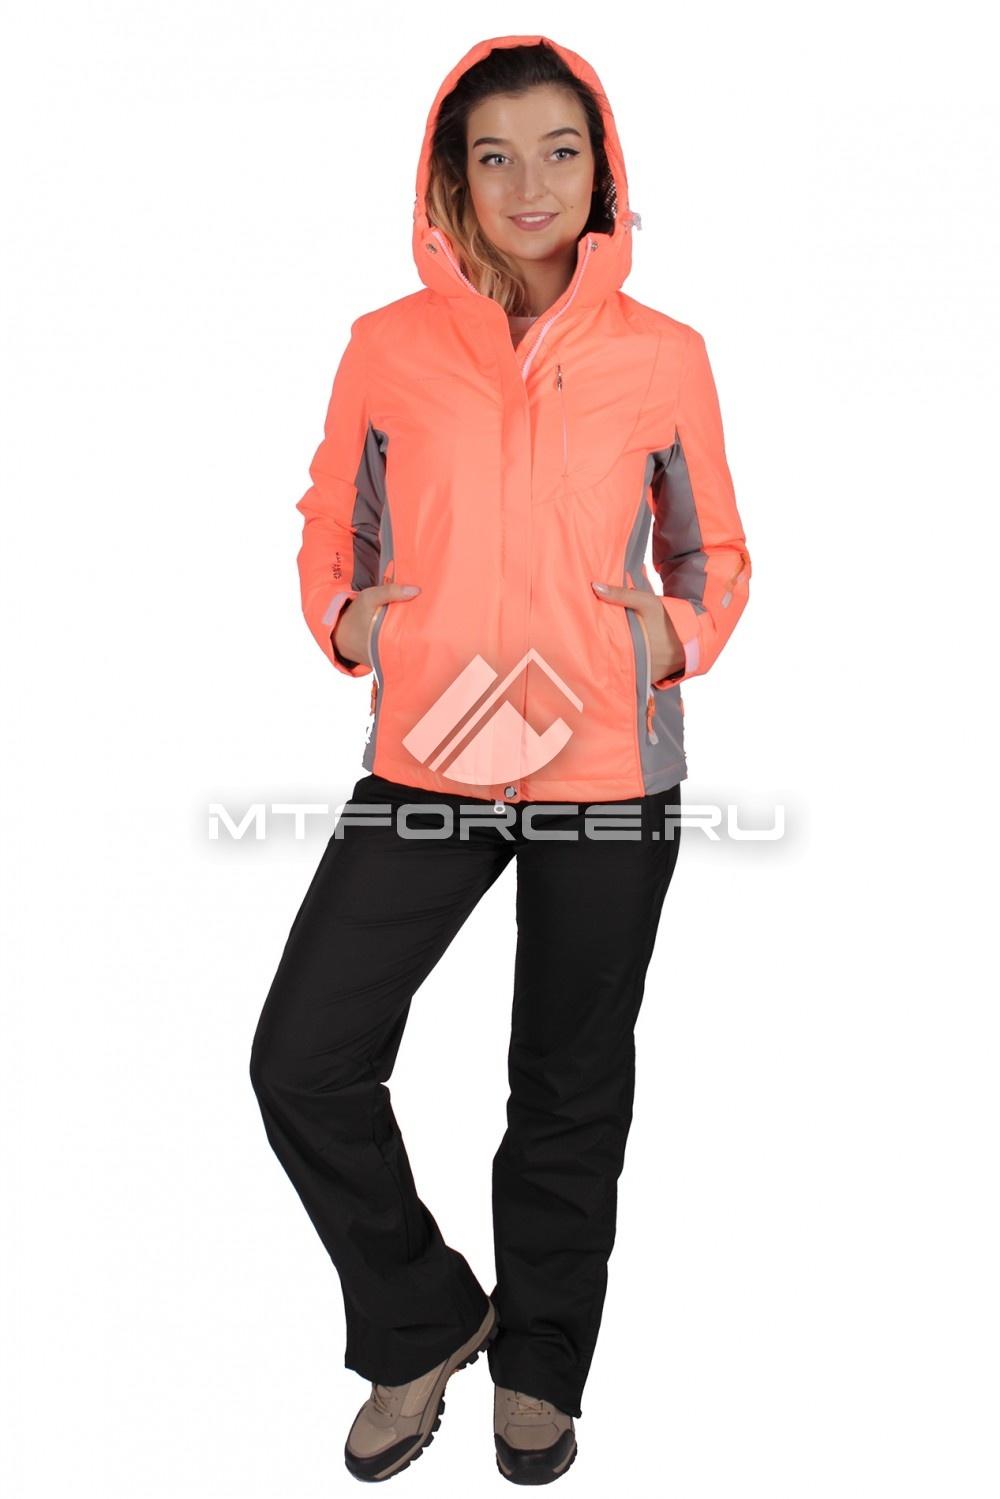 Купить                                  оптом Костюм женский осень весна персикового цвета 01711P